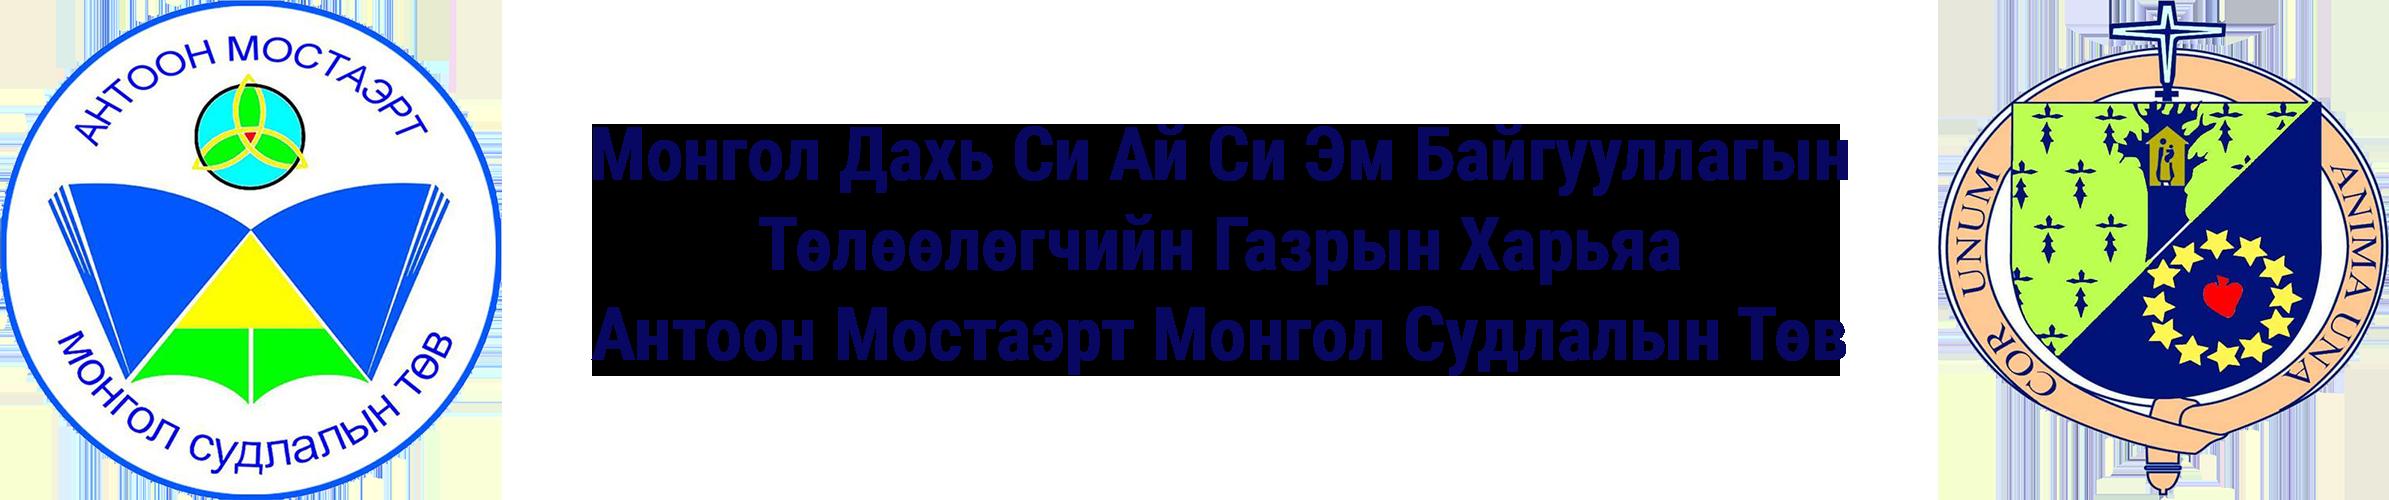 Антоон Мостаэрт | Монгол судлалын төв